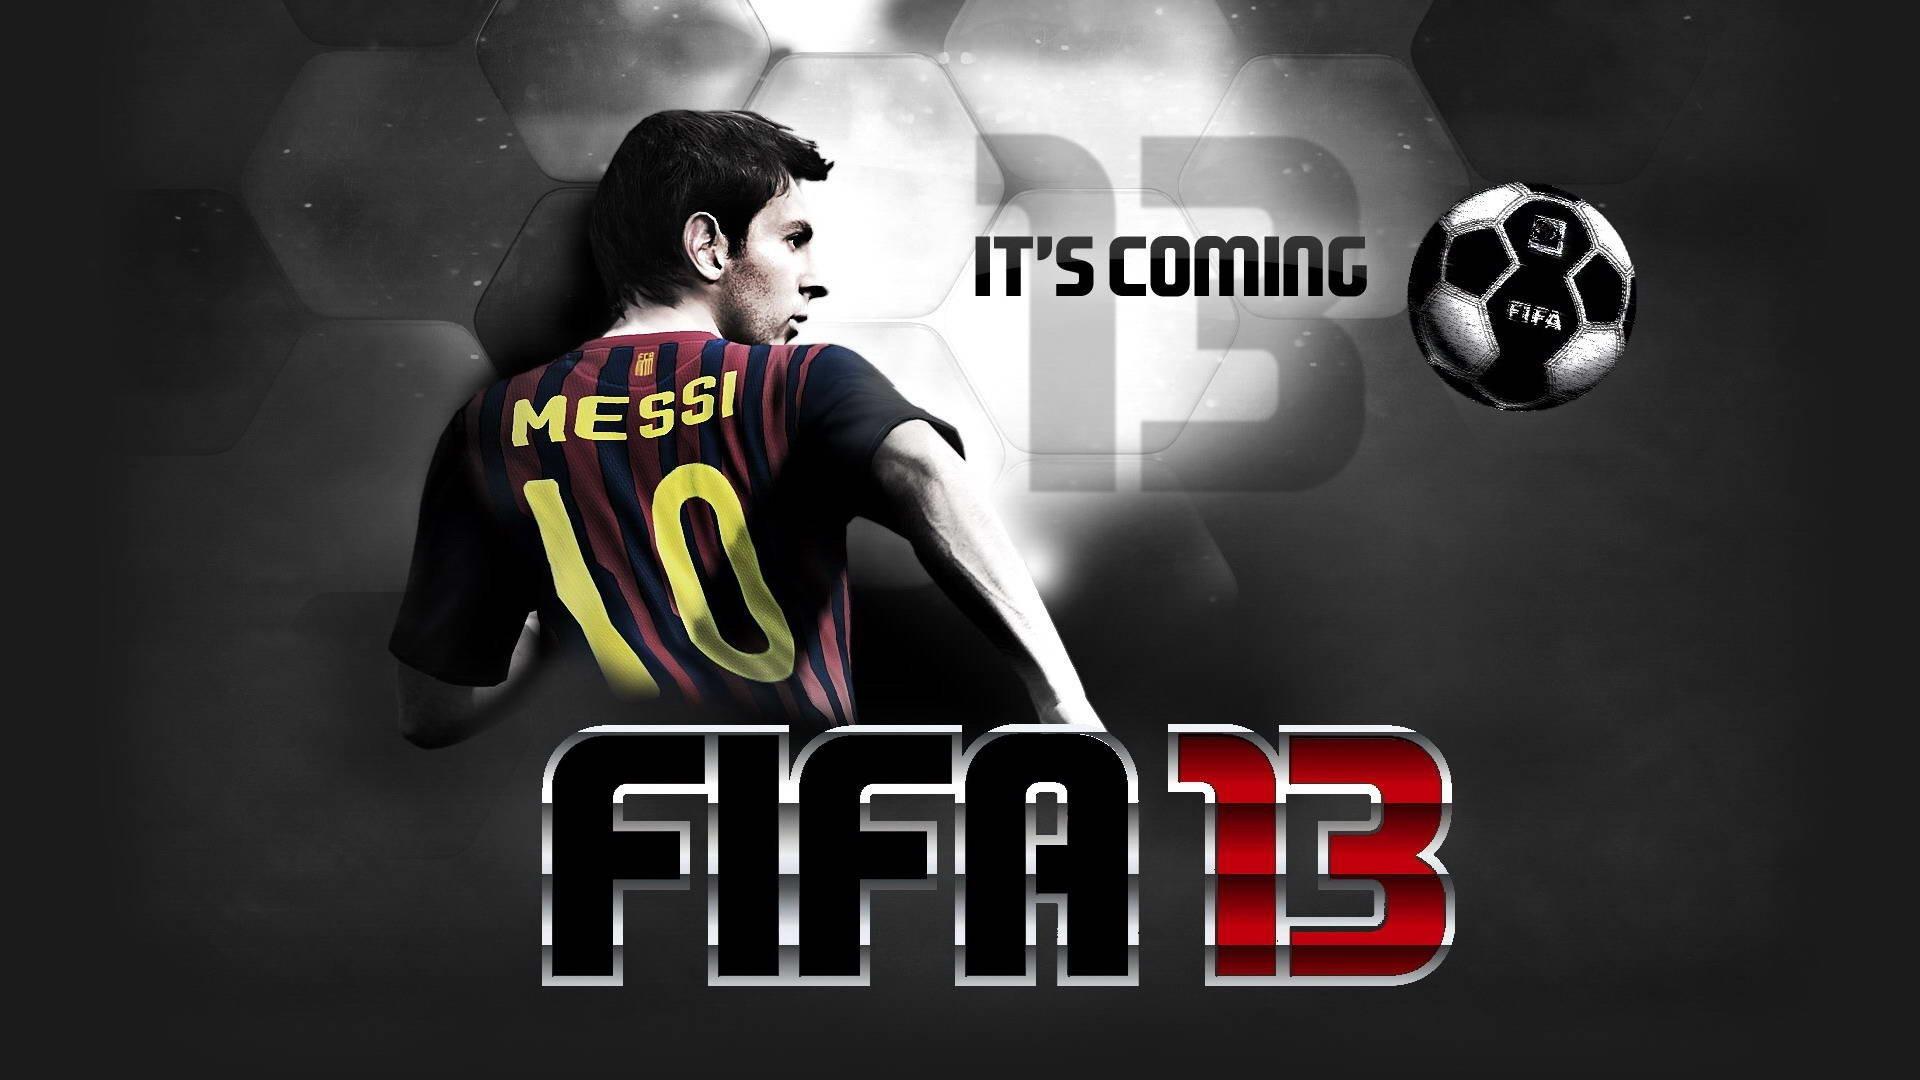 Hình nền : Đàn ông, bóng đá, áp phích, nhãn hiệu, Lionel Messi, FC Barcelona, FIFA 13, Ảnh chụp màn hình, 1920x1080 px, Hình nền máy tính, phông chữ, bìa ...